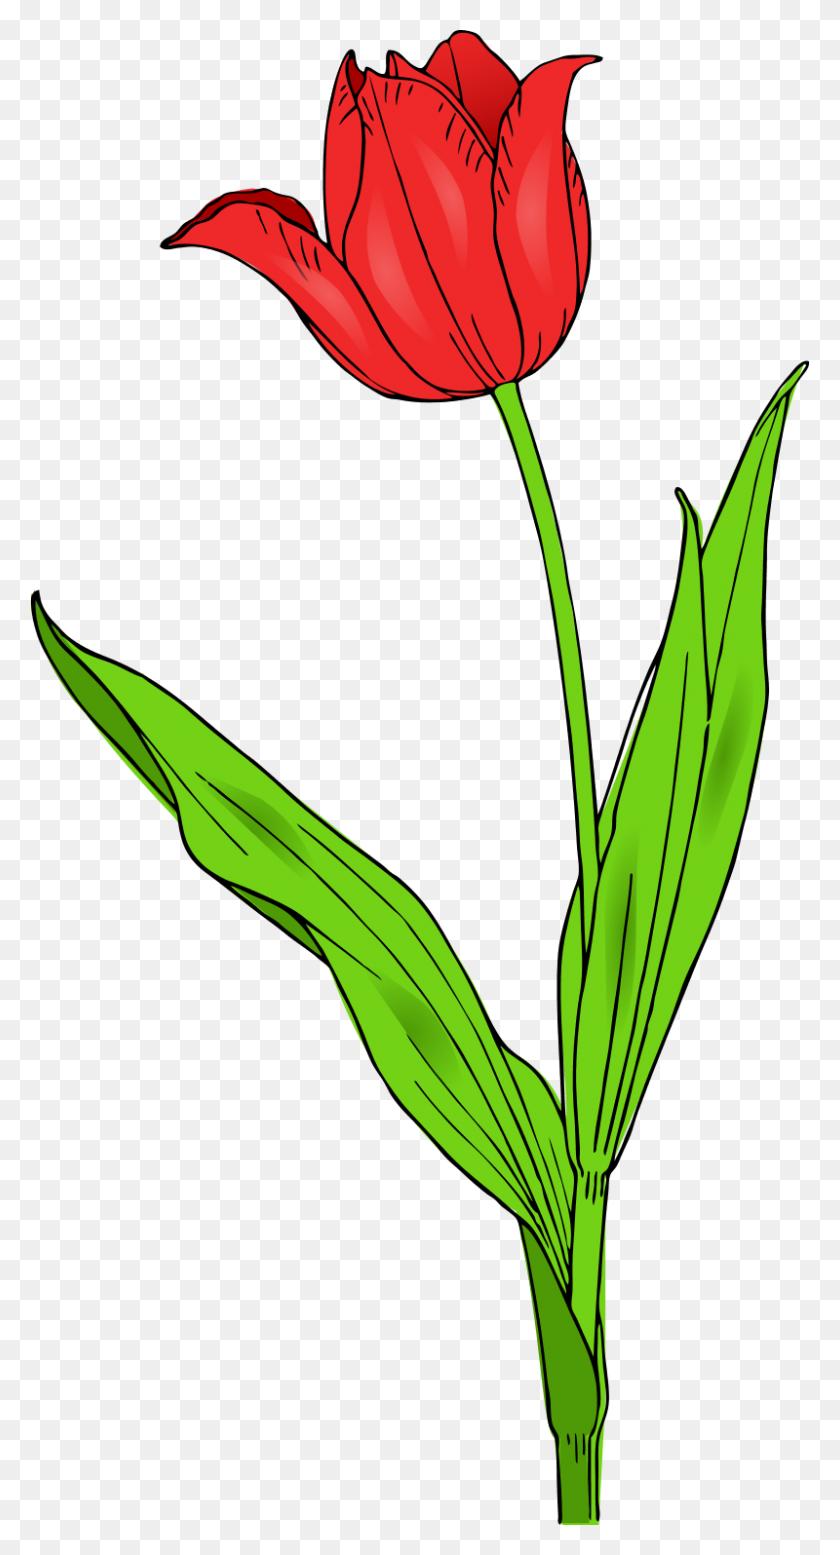 Best Spring Flowers Clip Art - Spring Flower Border Clipart